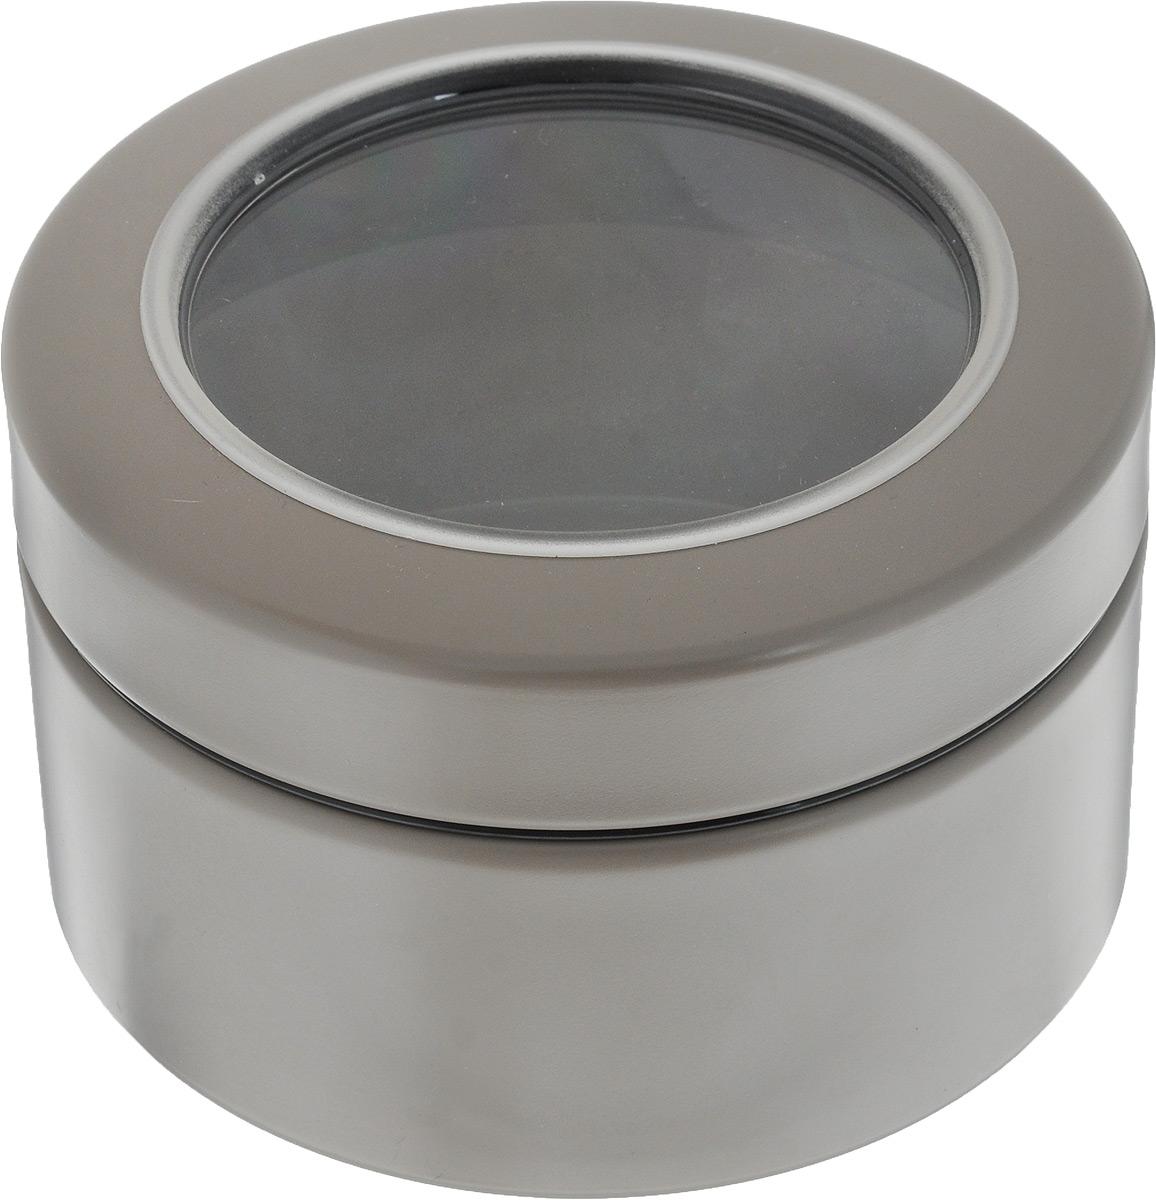 Контейнер Brabantia, цвет: серо-бежевый, 500 мл4630003364517Контейнер Brabantia прекрасно подойдет для хранения сладостей. Он изготовлен из нержавеющей стали. Контейнер оснащен крышкой с прозрачной вставкой из стекла, благодаря которой вы можете видеть содержимое. Удобный и легкий контейнер позволит вам хранить всевозможные сладости, а благодаря современному дизайну он впишется в любой интерьер.